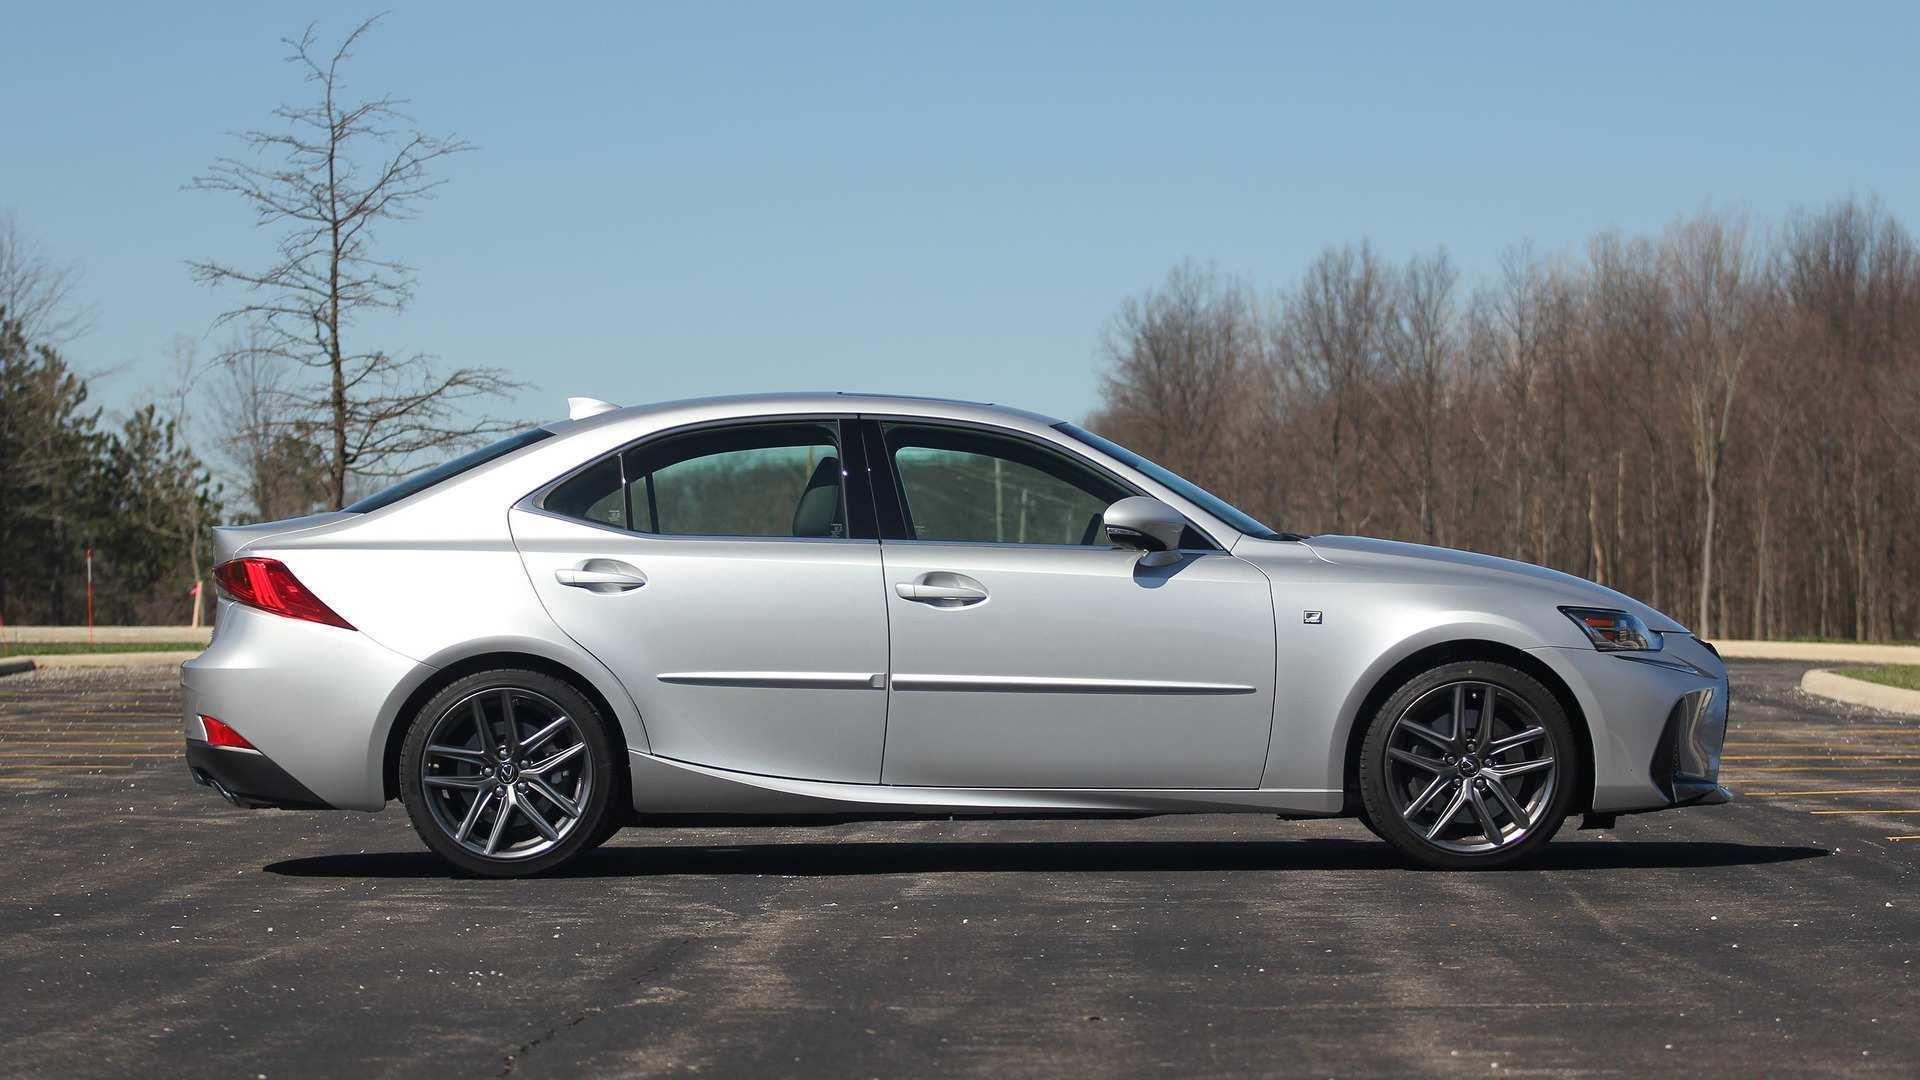 20 Concept of Lexus Is300H 2020 Specs by Lexus Is300H 2020